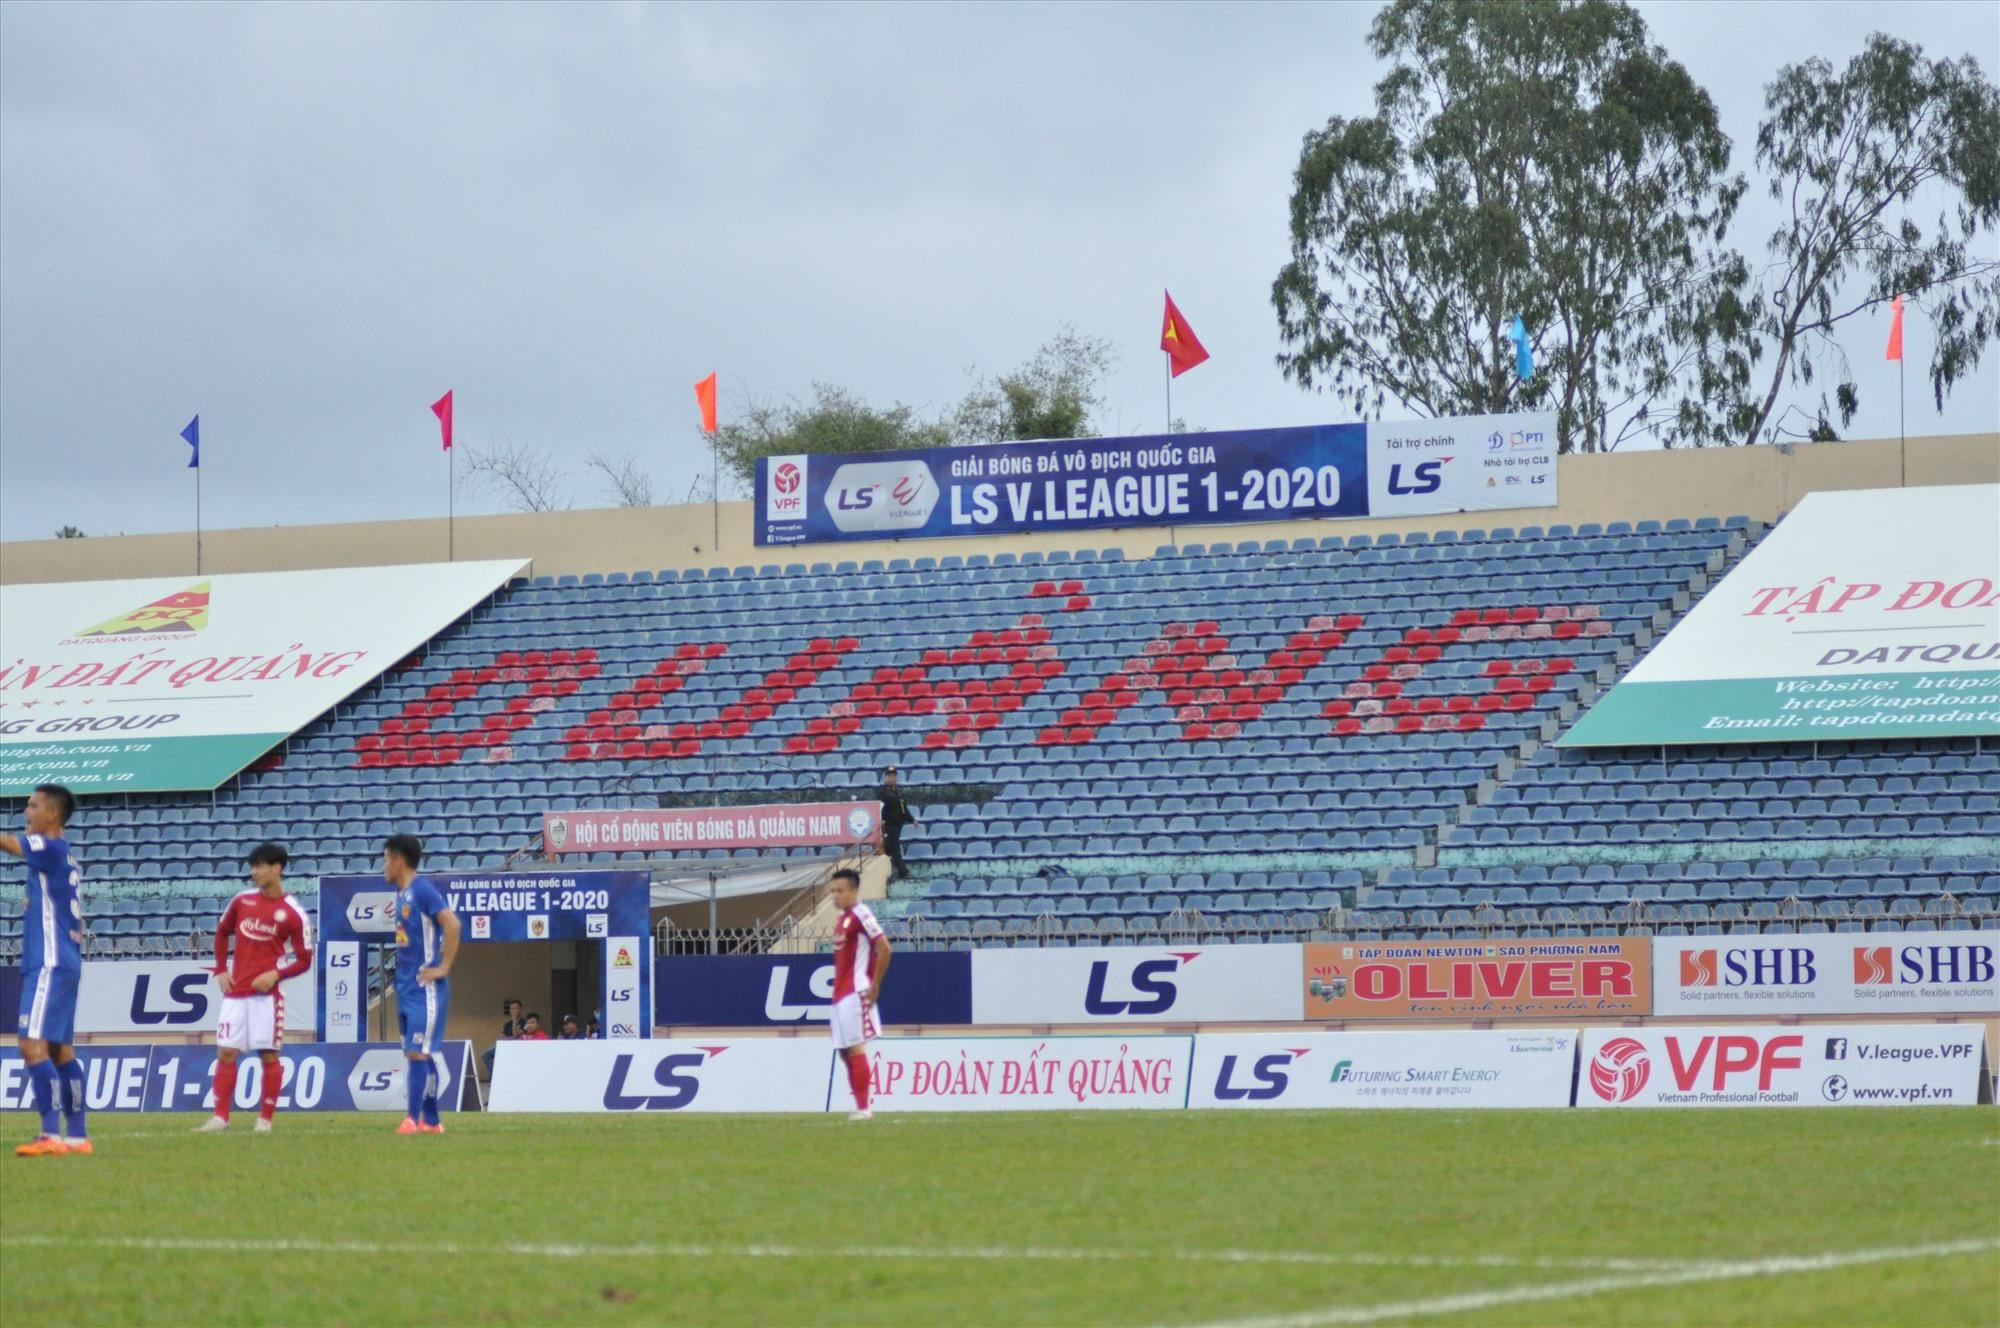 Hai vòng đấu đầu tiên của V-League 2020 diễn ra trên sân không có khán giả. Ảnh: T.V